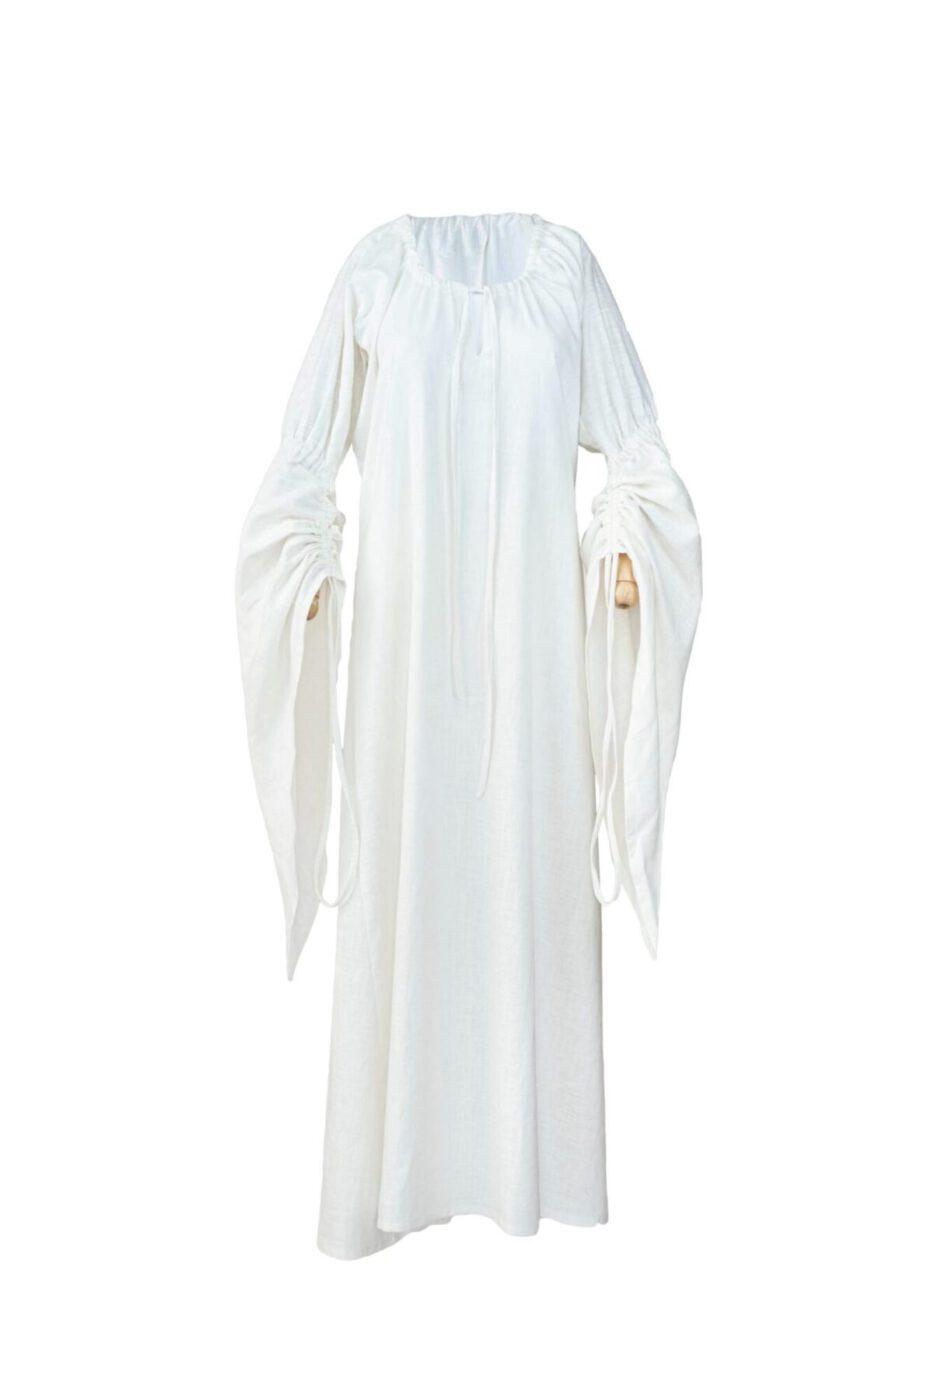 Unterkleid aus Leinen Modell Mathilda